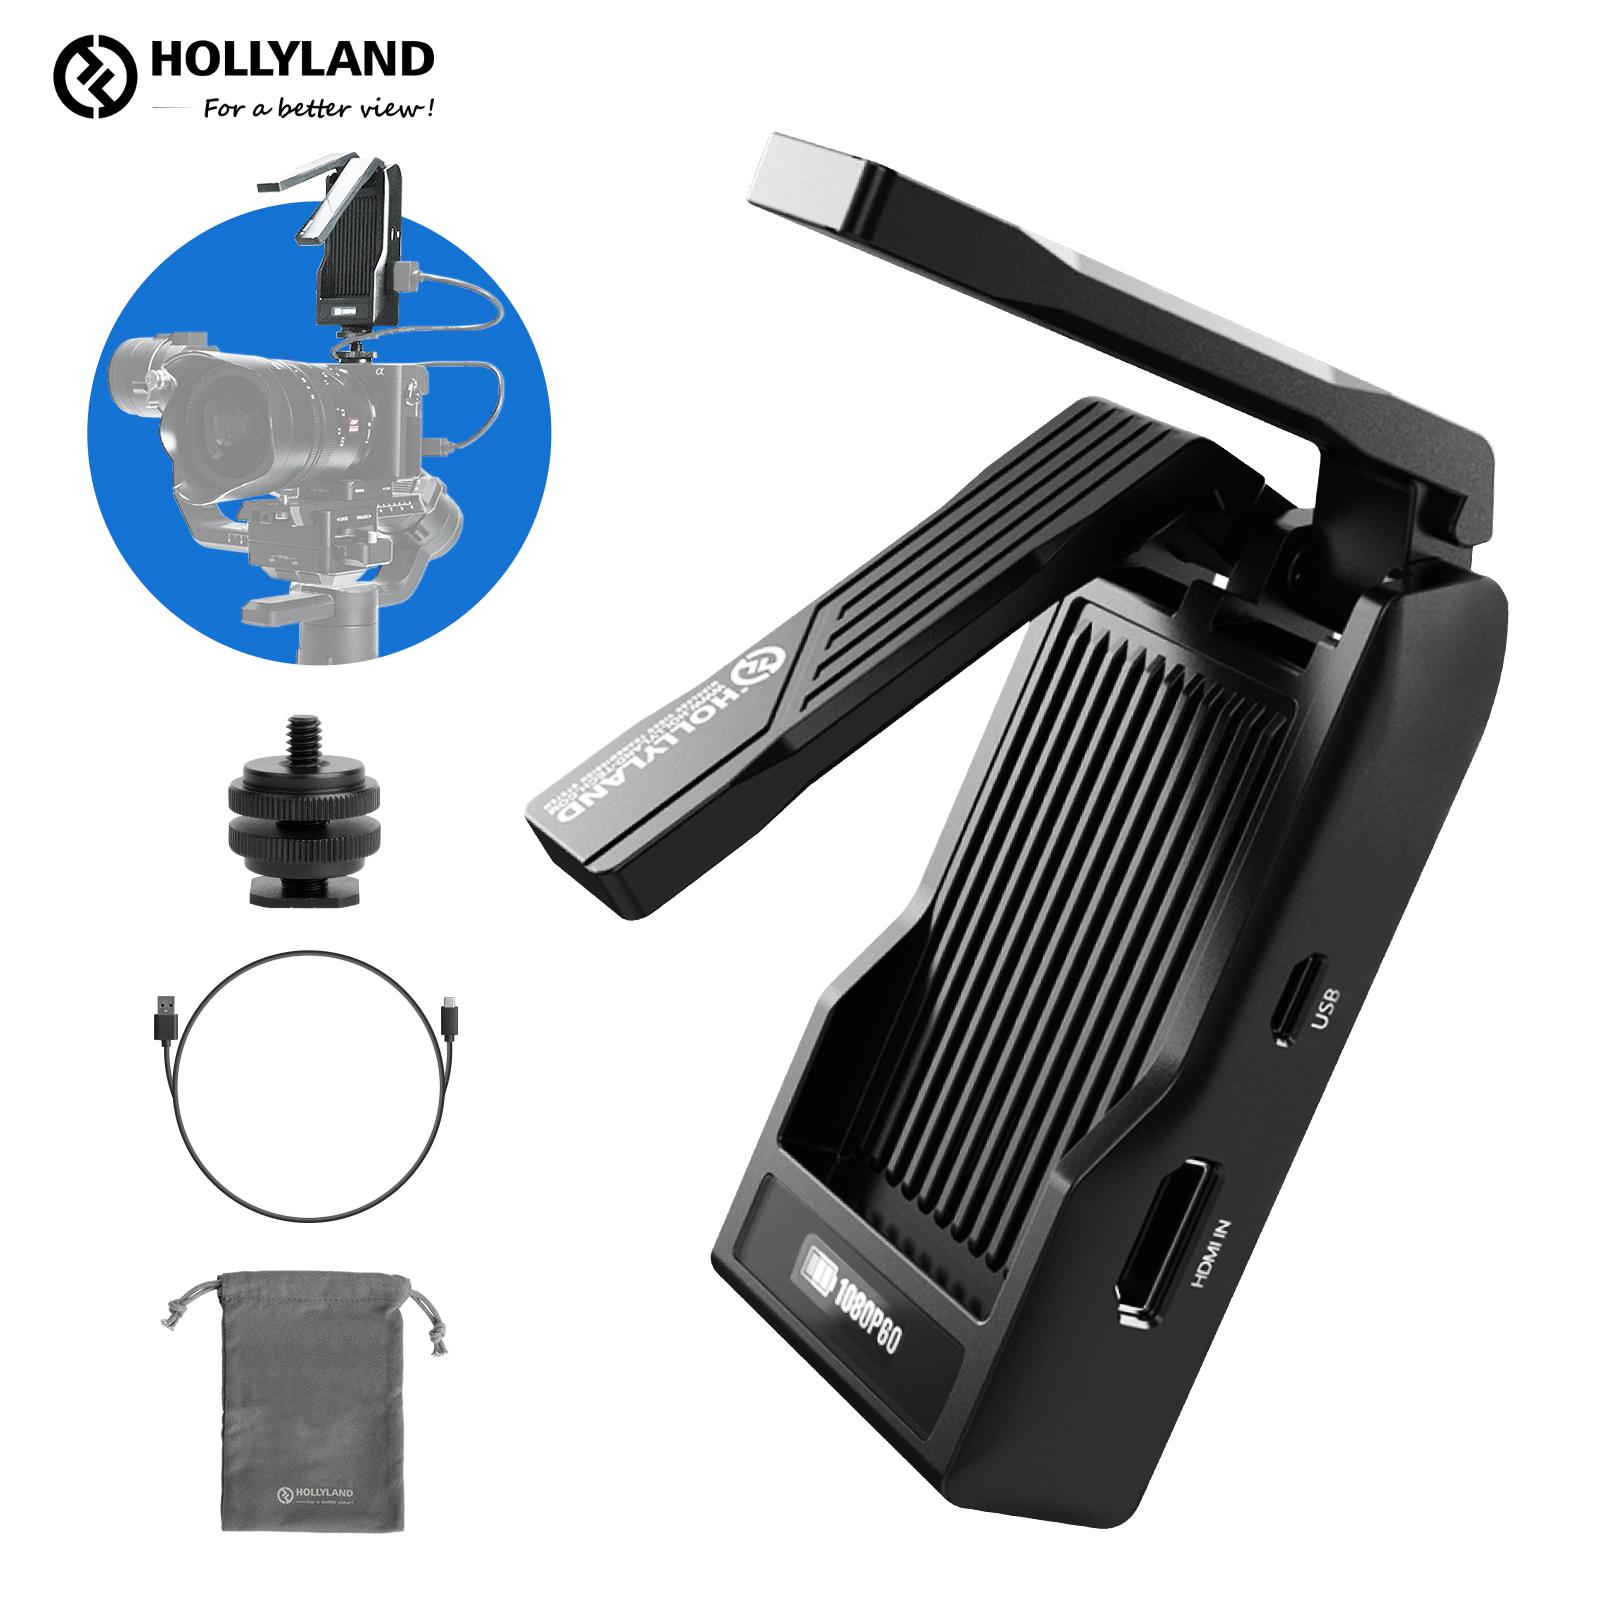 Hollyland-MarsX ワイヤレストランスミッター 高画質 低遅延 Hollyland Mars X HDMI映像ワイヤレス伝送システム 一眼レフカメラ デジカメ対応 トランスミッター 100M伝送距離 送料無料新品 60Hz スマホ タブレットに適用 0.07s低遅延 1080P HDMI入力 OLEDディスプレ 技適マーク認証日本語説明書一年安心保証 最新号掲載アイテム